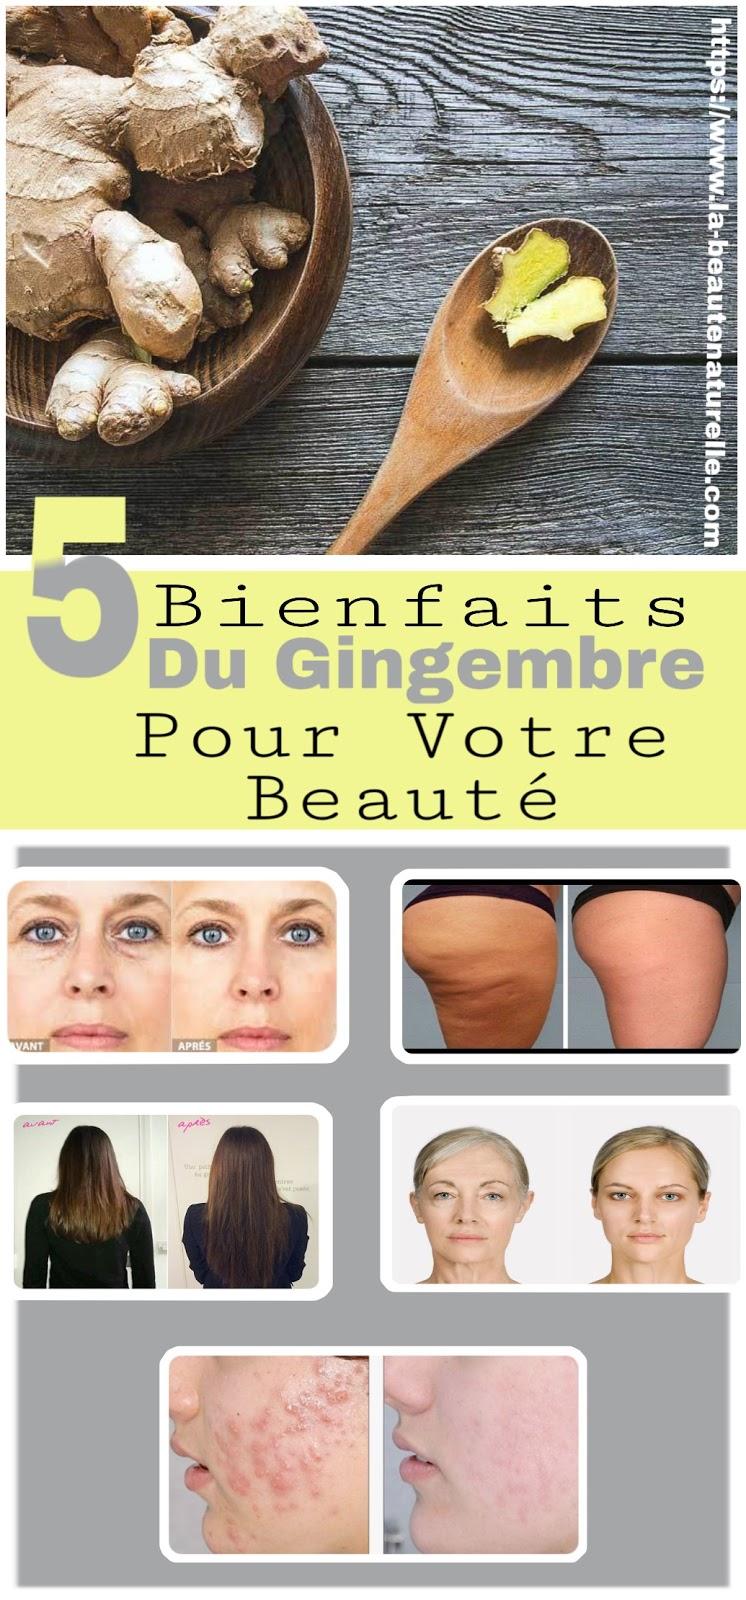 5 Bienfaits Du Gingembre Pour Votre Beauté